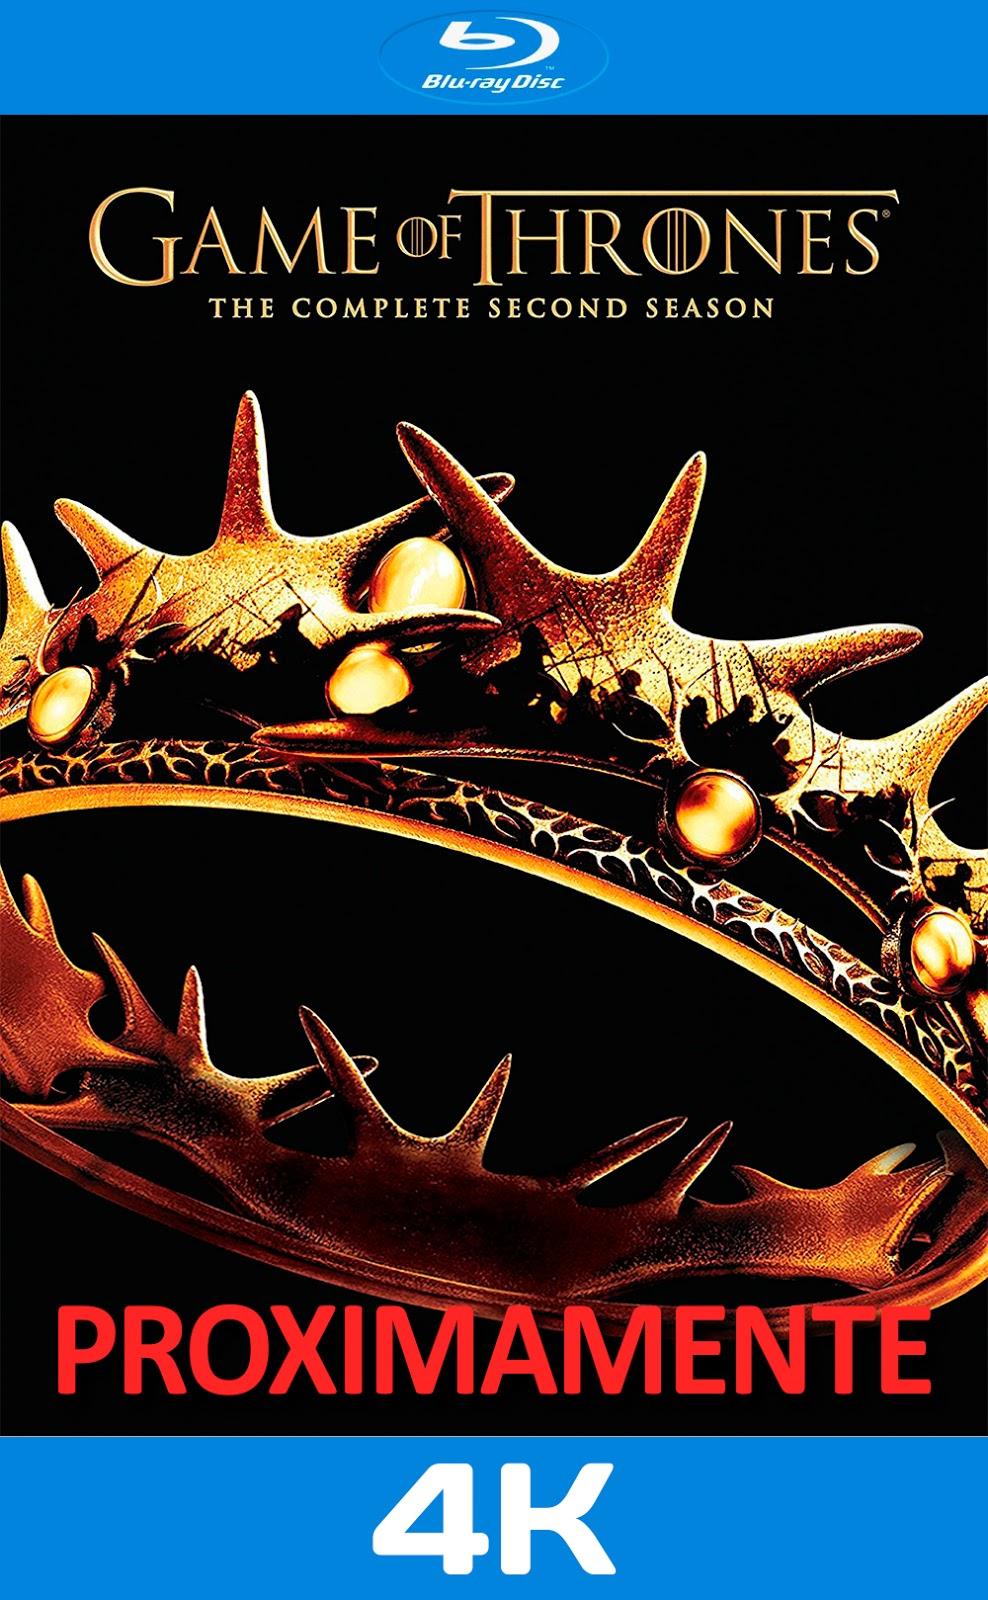 game of thrones season 4 kickass 480p